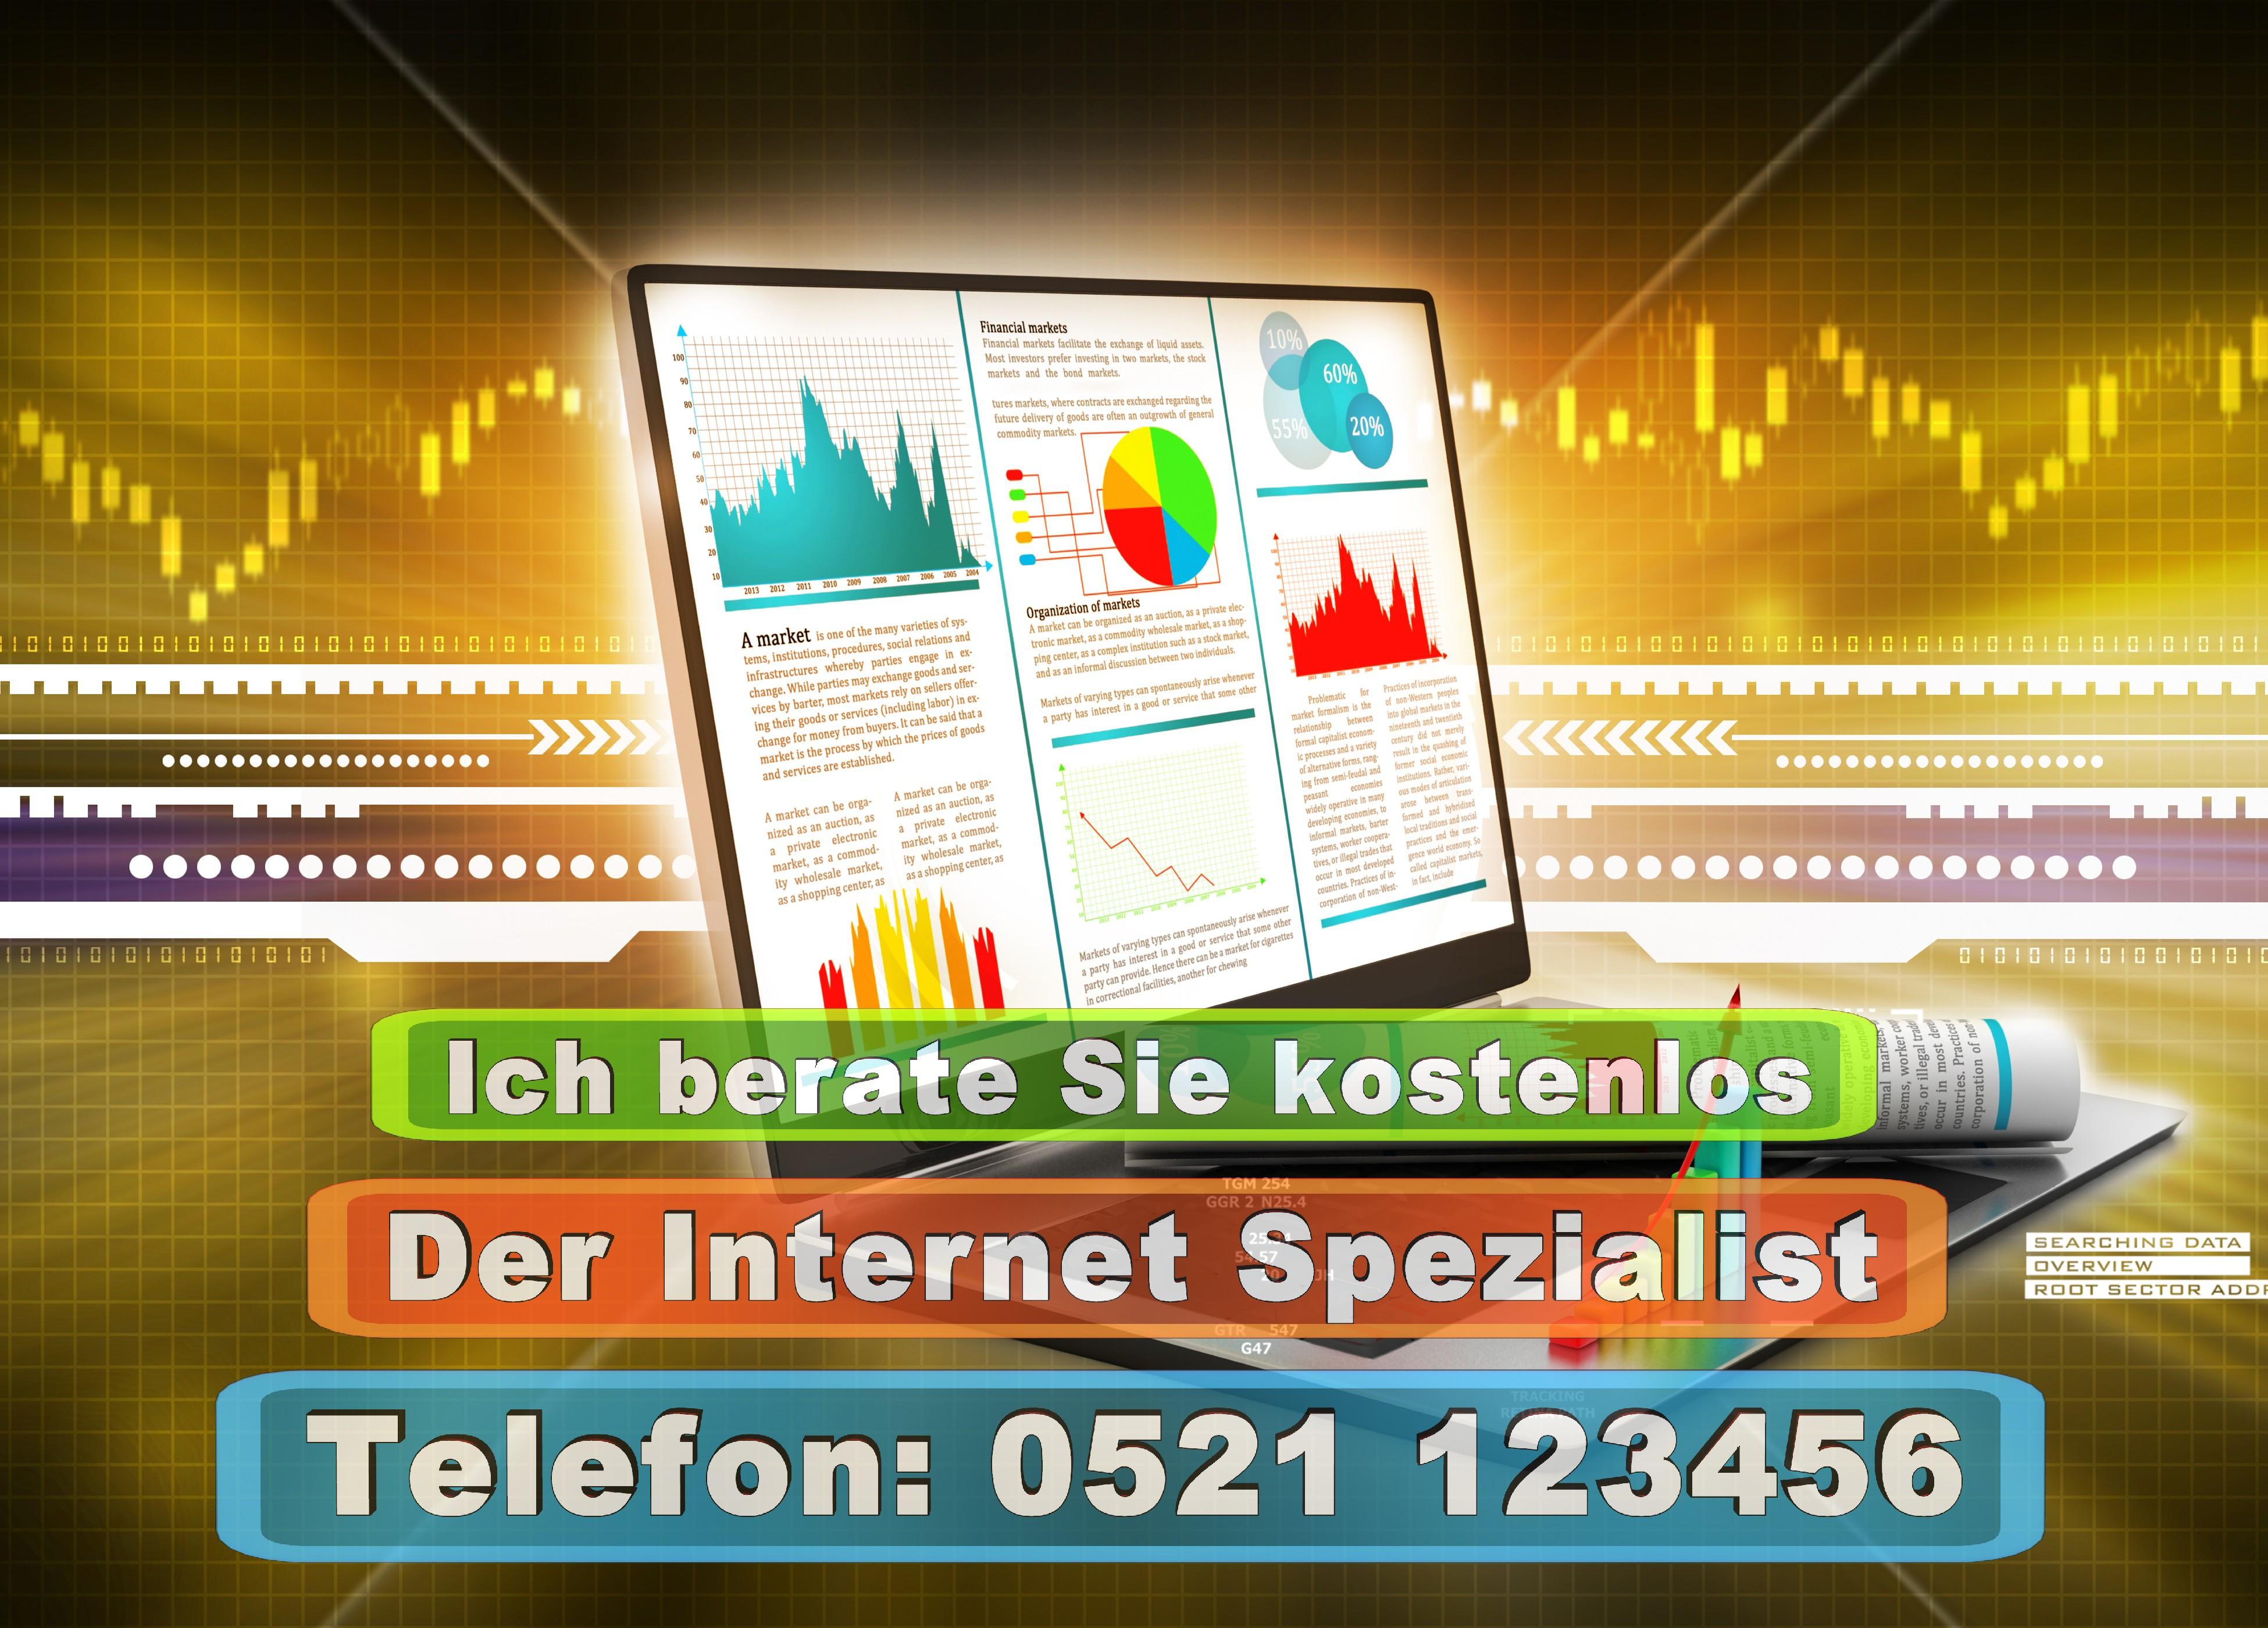 Werbeagentur Bielefeld Druckerei Bielefeld Prospekte Zeitung Visitenkarten Poster Werbung Print Presse Druck Fotografie Fotos Internet (64)